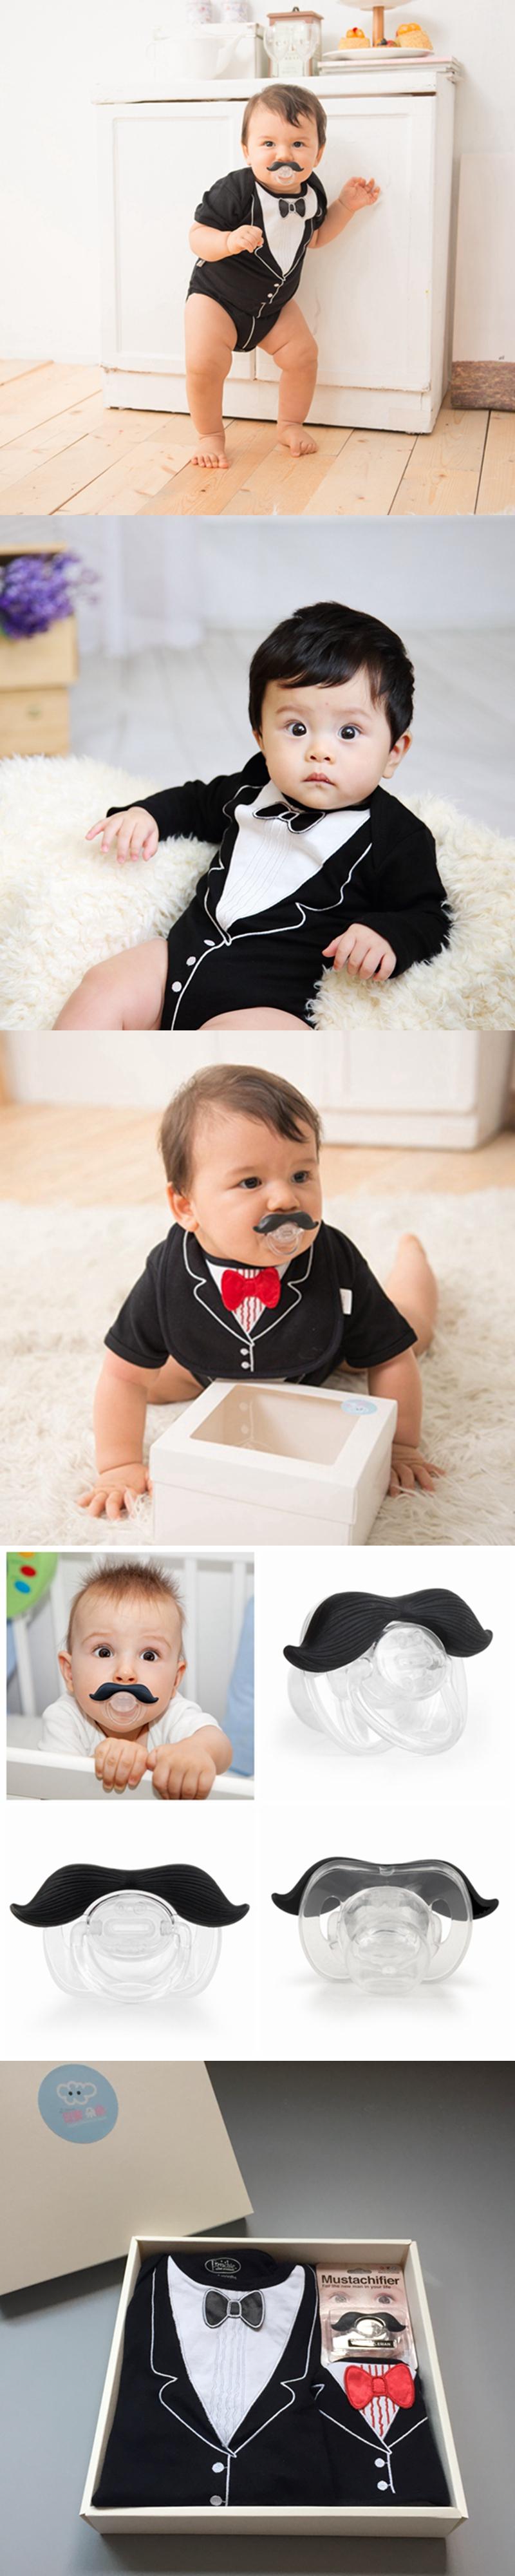 美國FMC X Hipsterkid 男嬰禮盒 - 李傲納多宴會版 (連身衣+圍兜+奶嘴) (24個月)